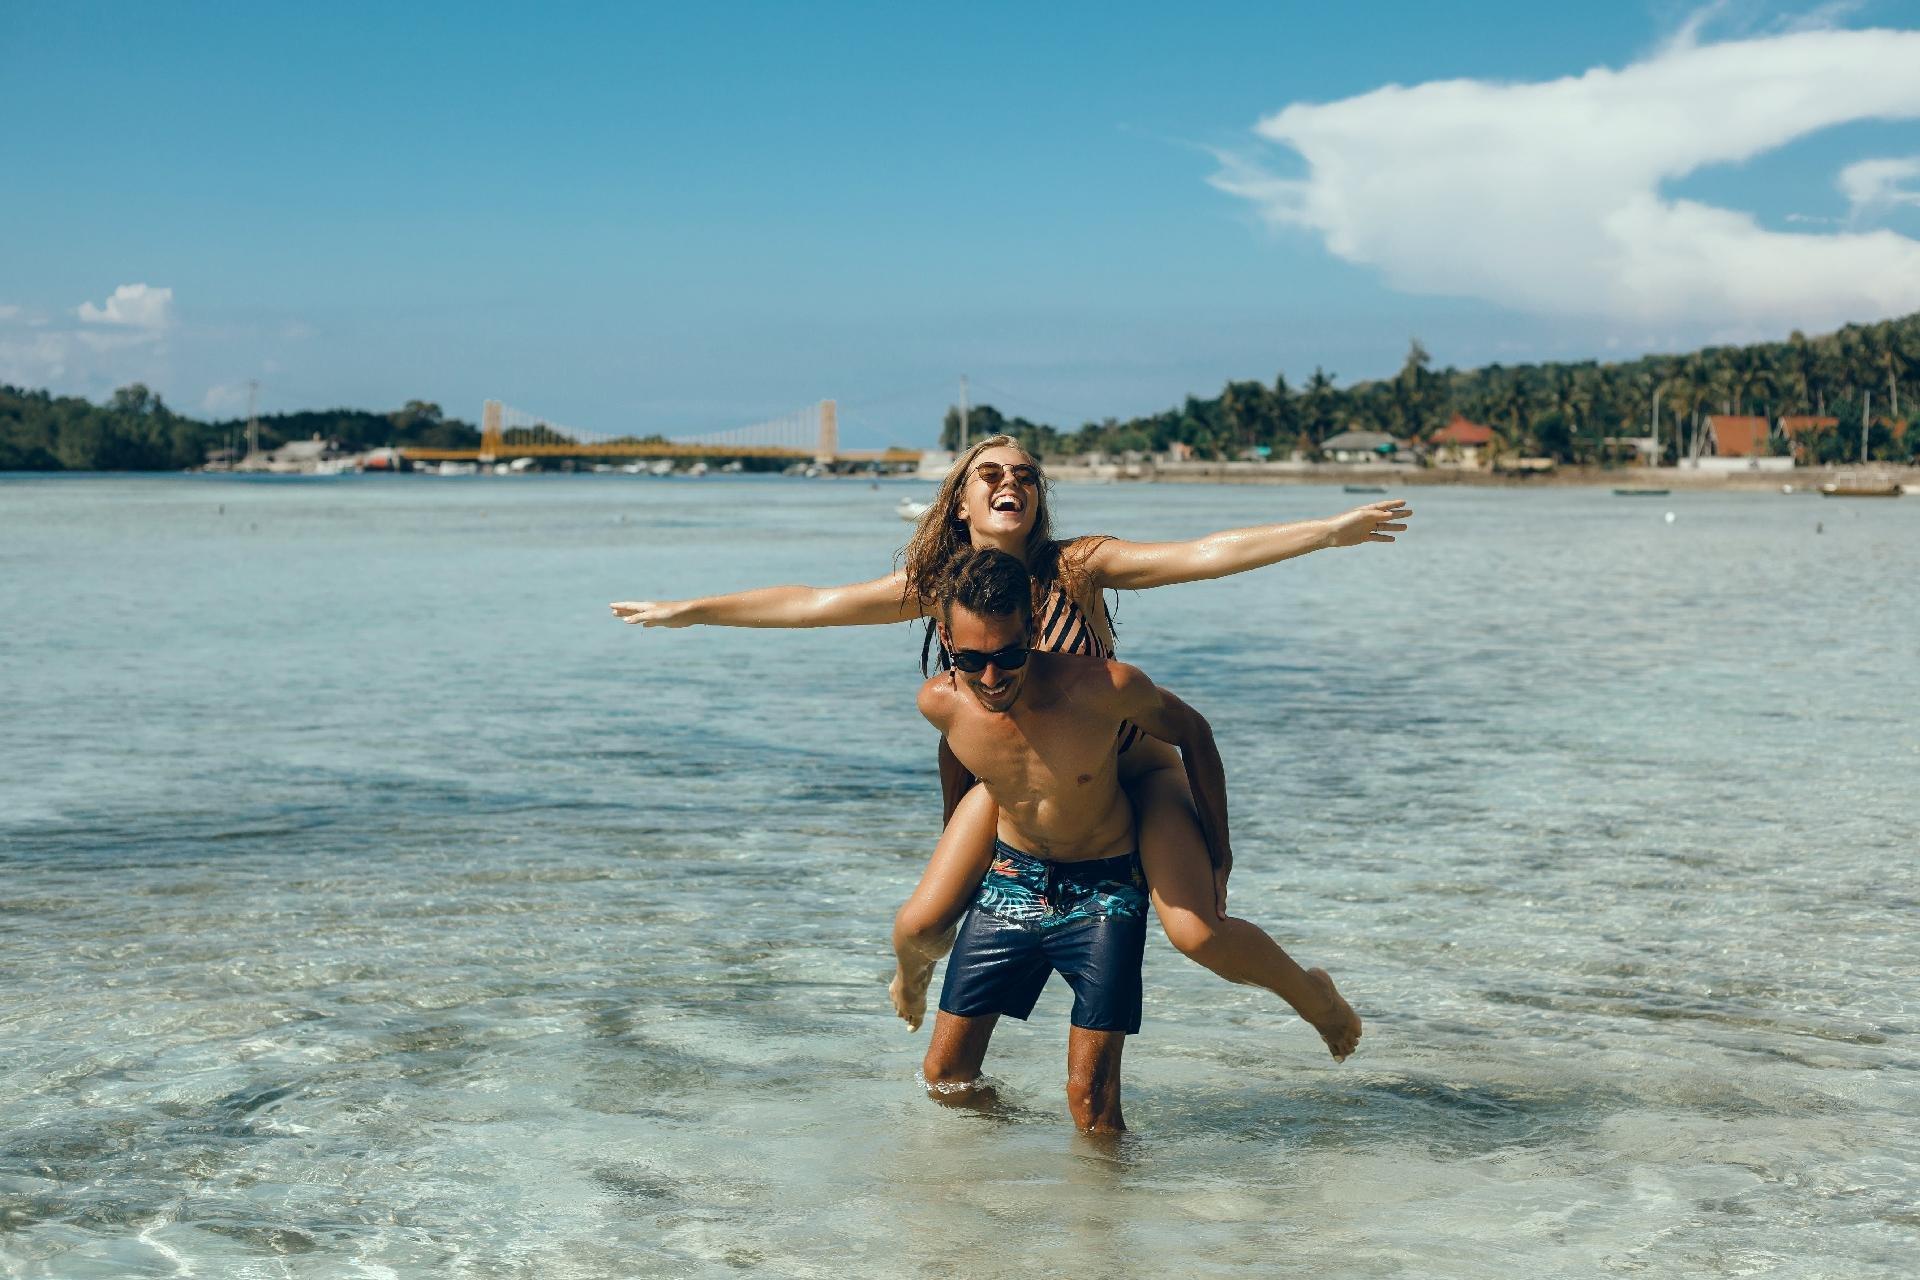 consejos-para-viajar-en-pareja.jpg